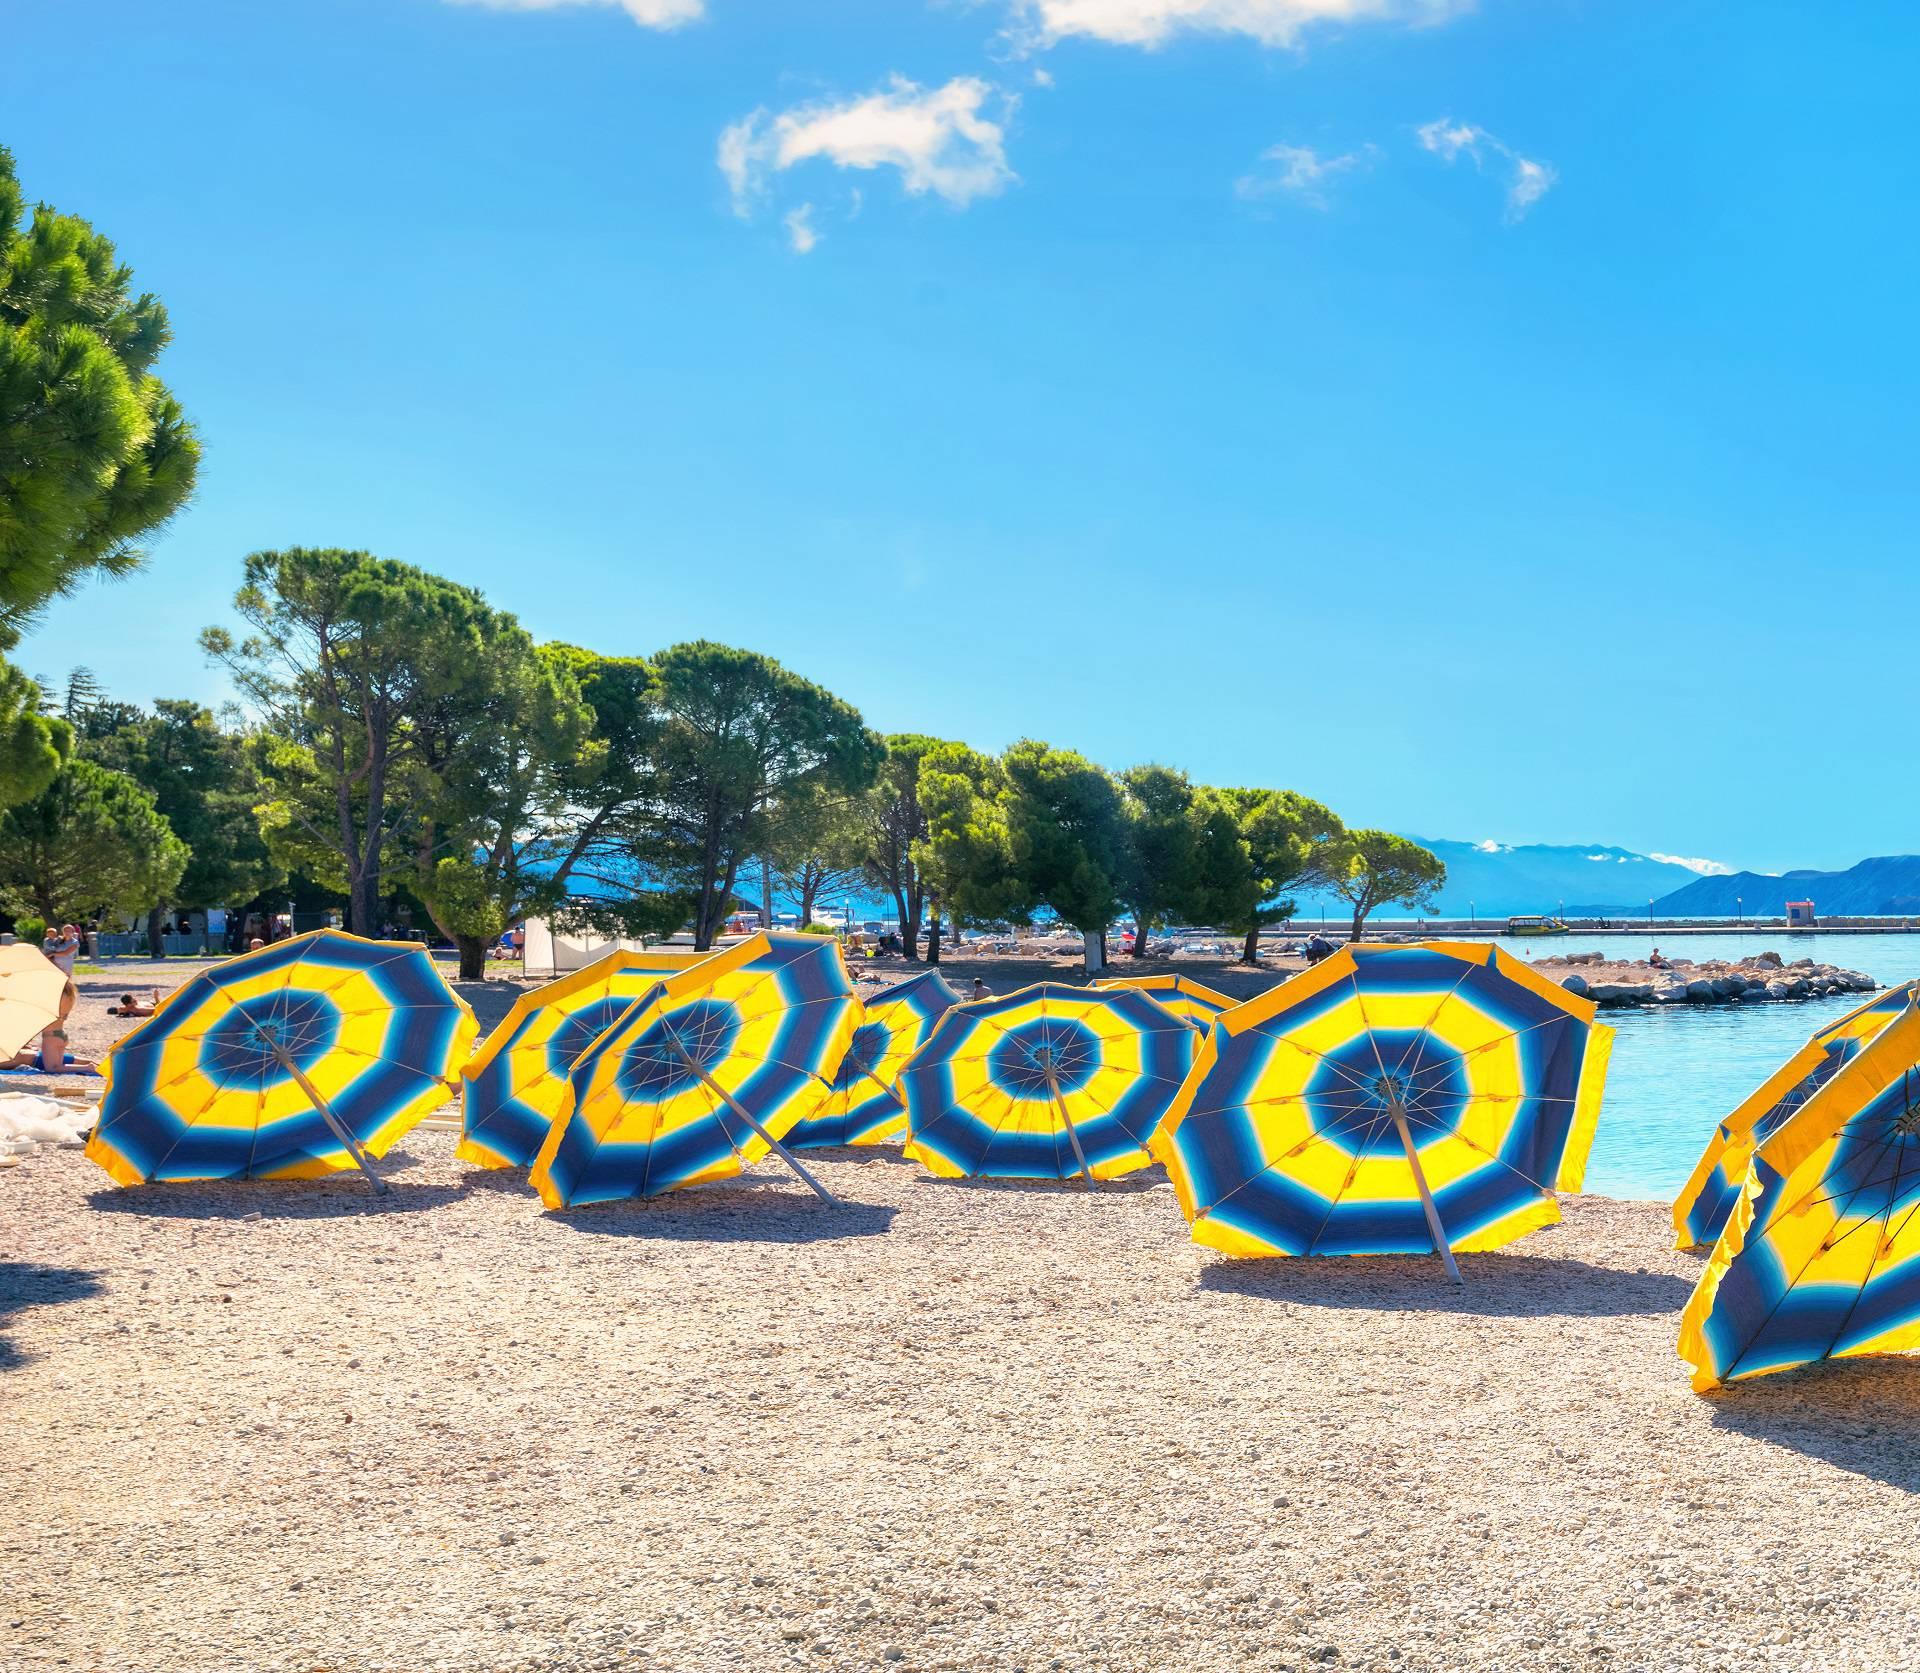 Svi na Kvarner:  jednodnevna kupanja na kvarnerskim plažama